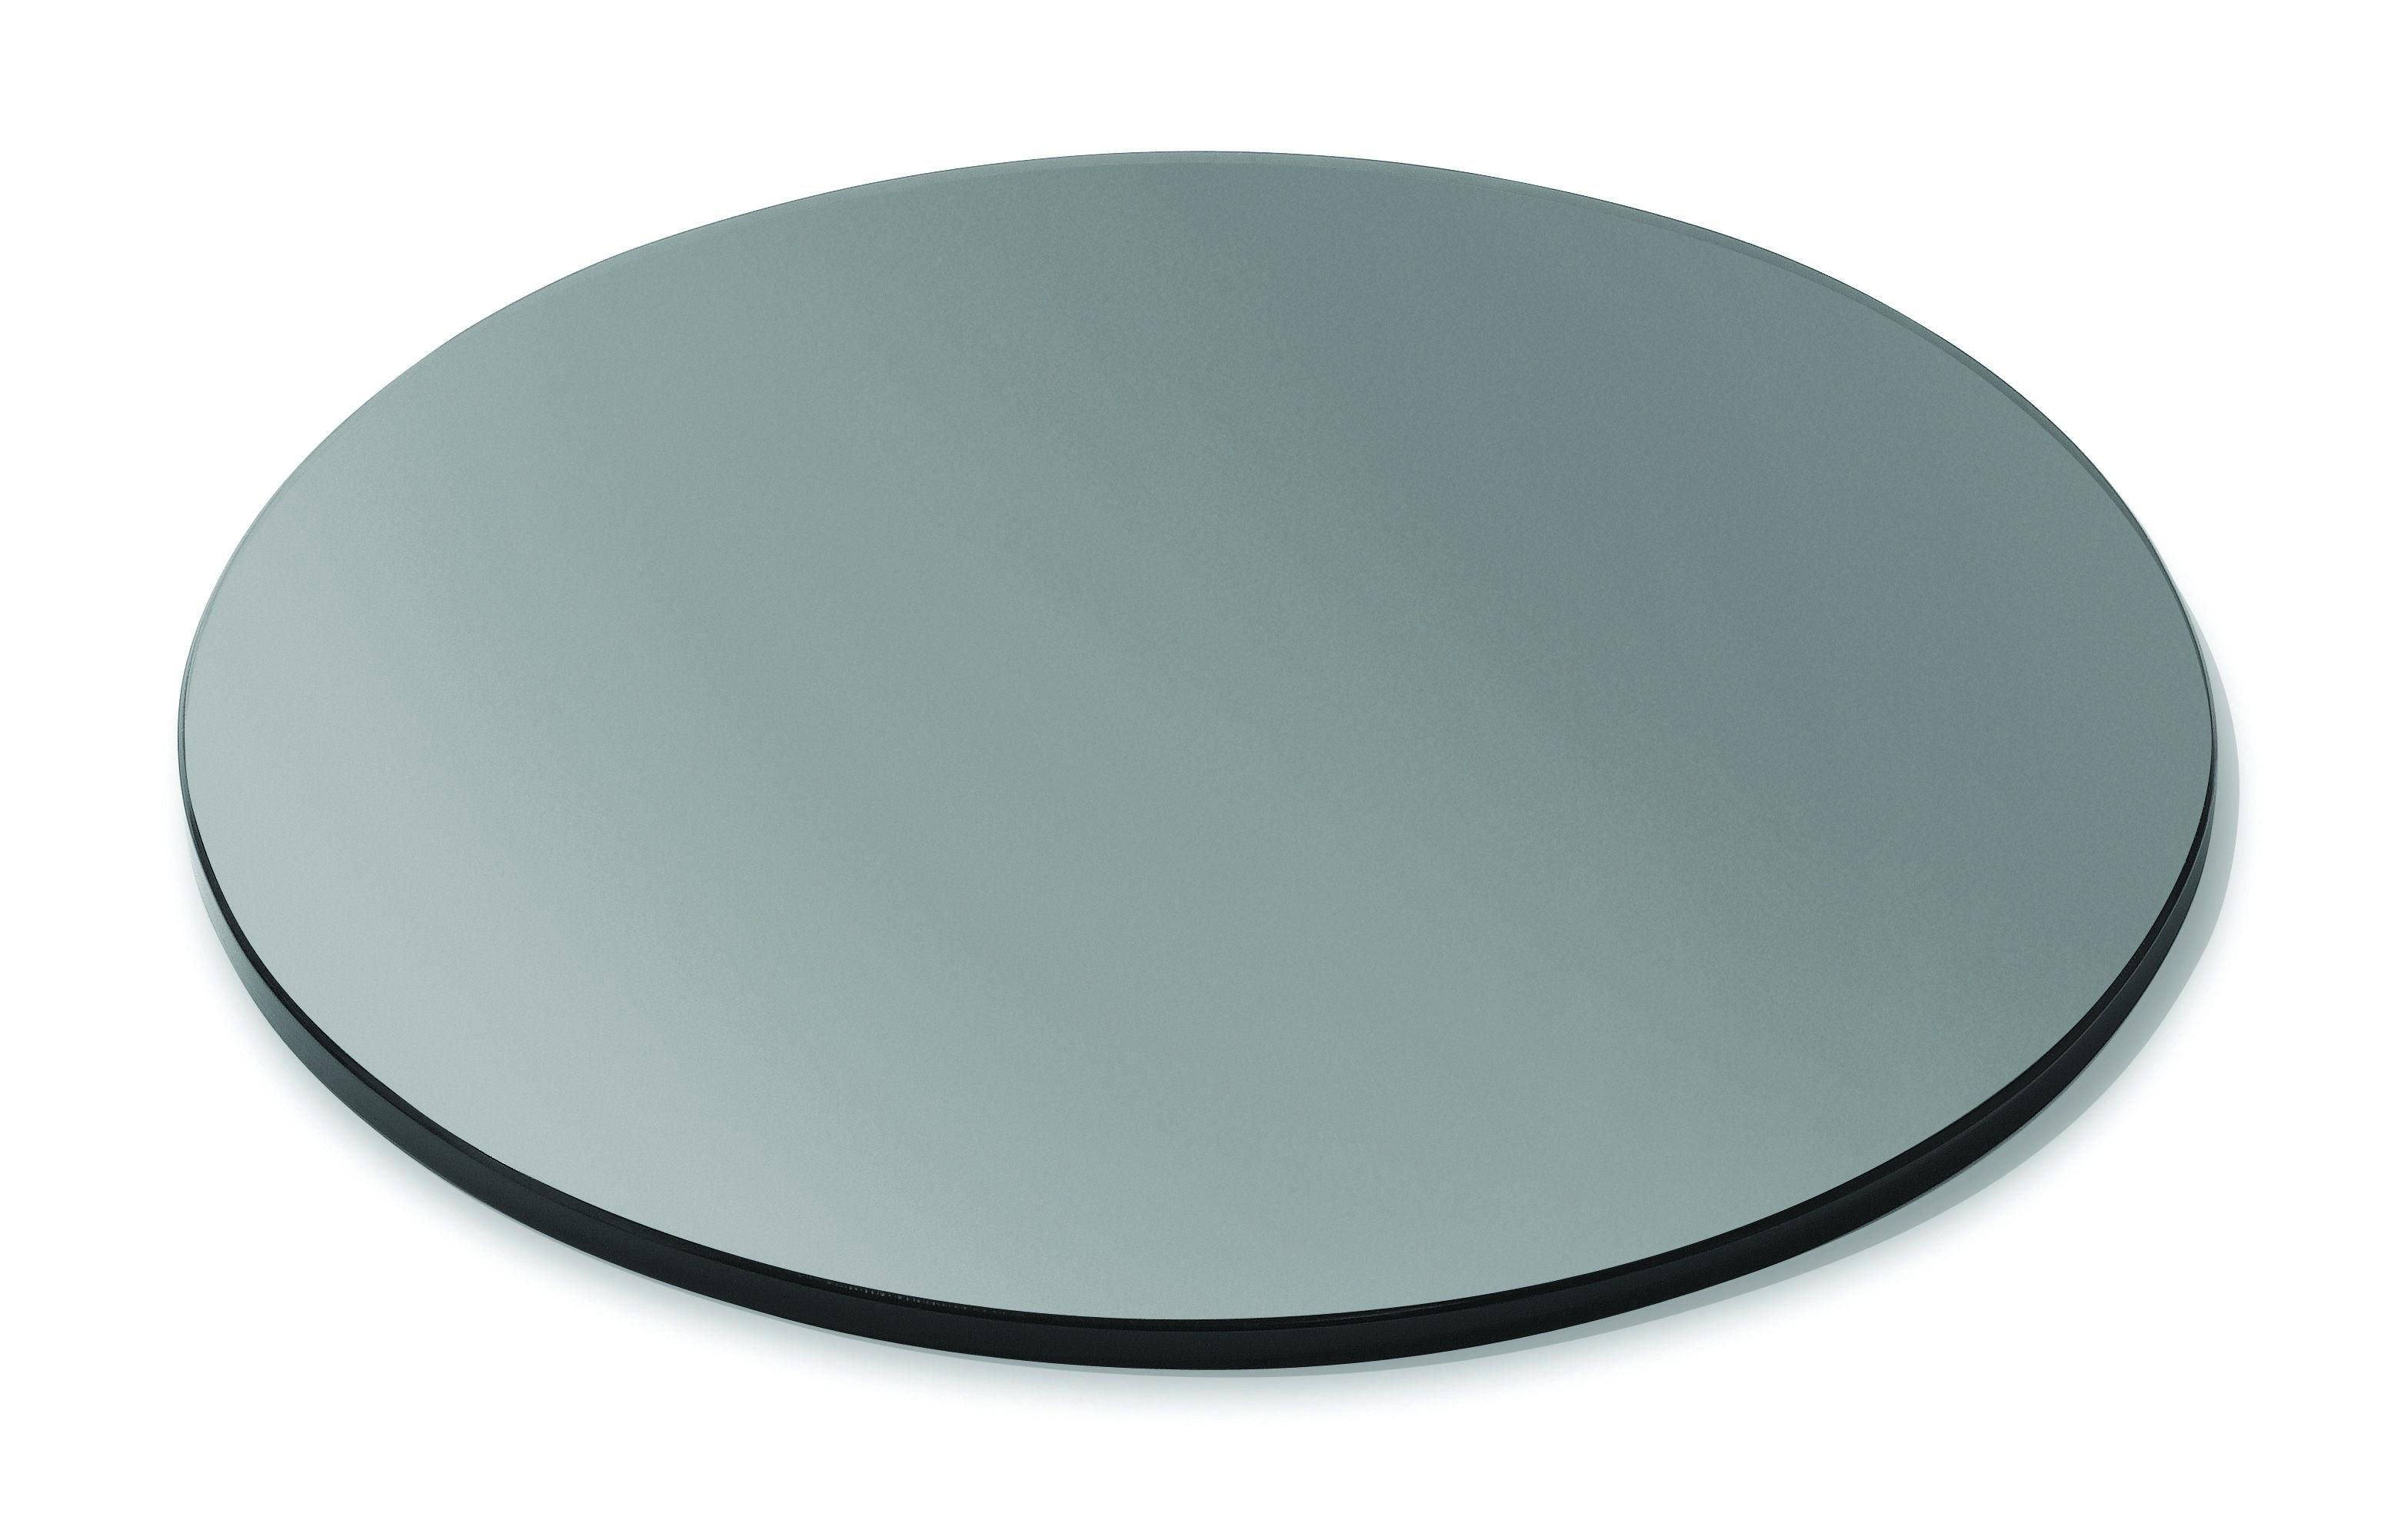 """Rosseto SG024 Round Black Acrylic Surface 14"""" x 14"""""""